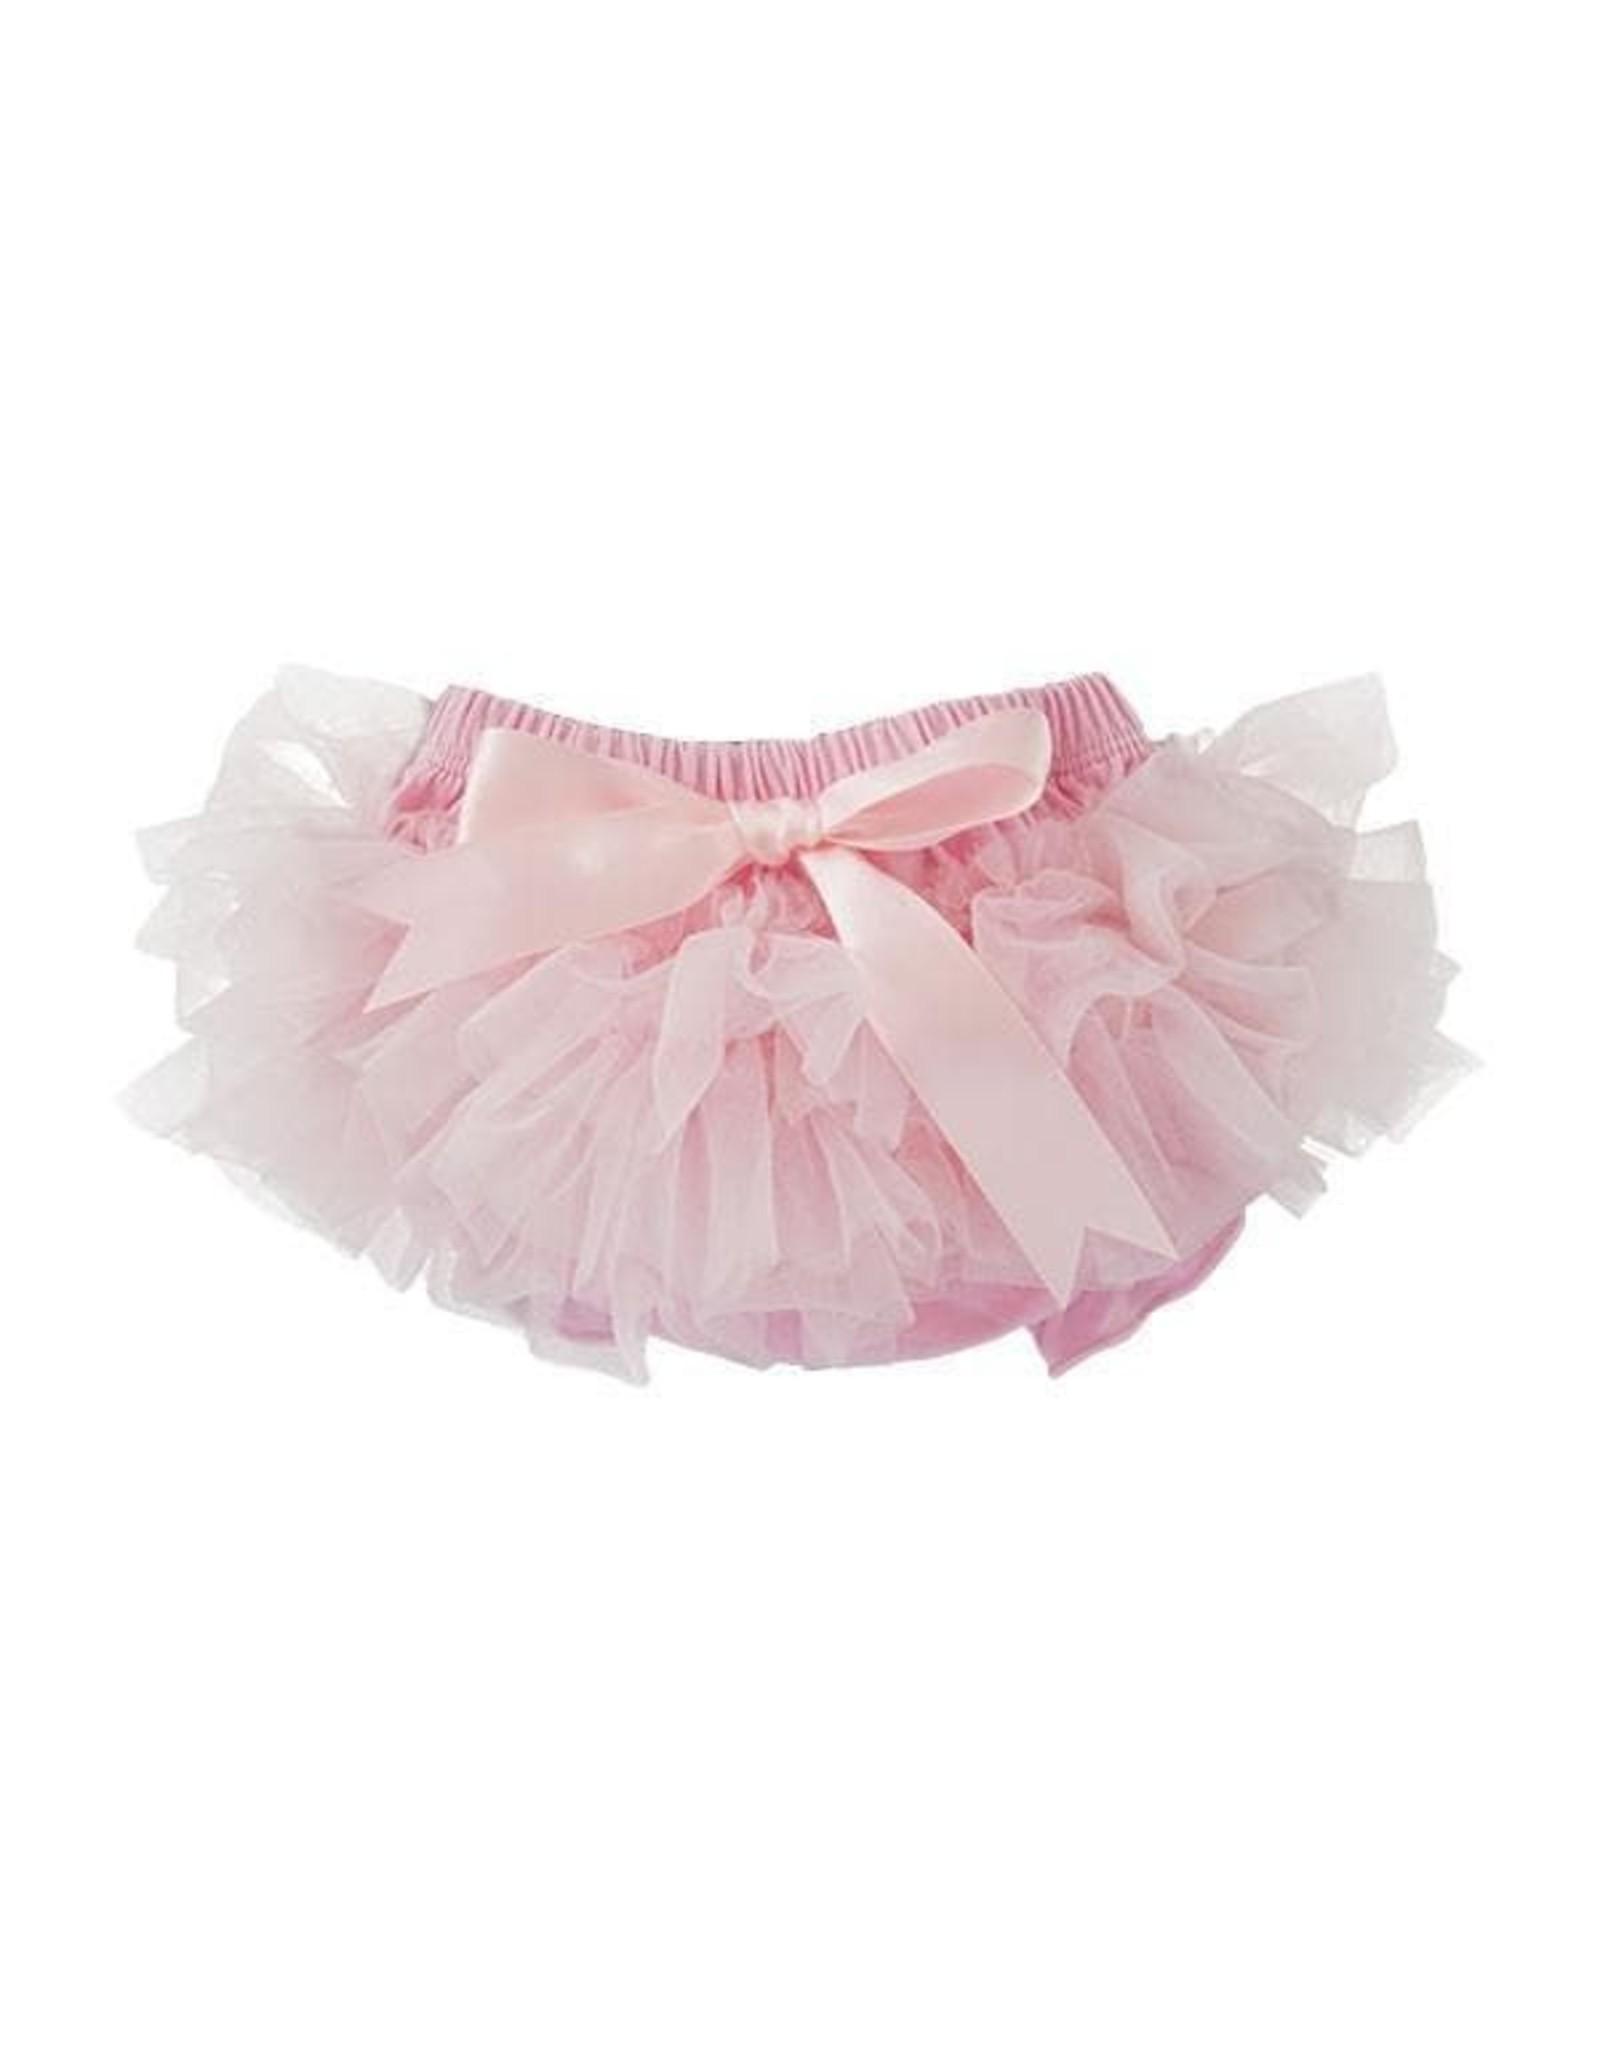 Mila & Rose Mila & Rose- Light Pink Ruffle Tutu Bloomer NB-6M